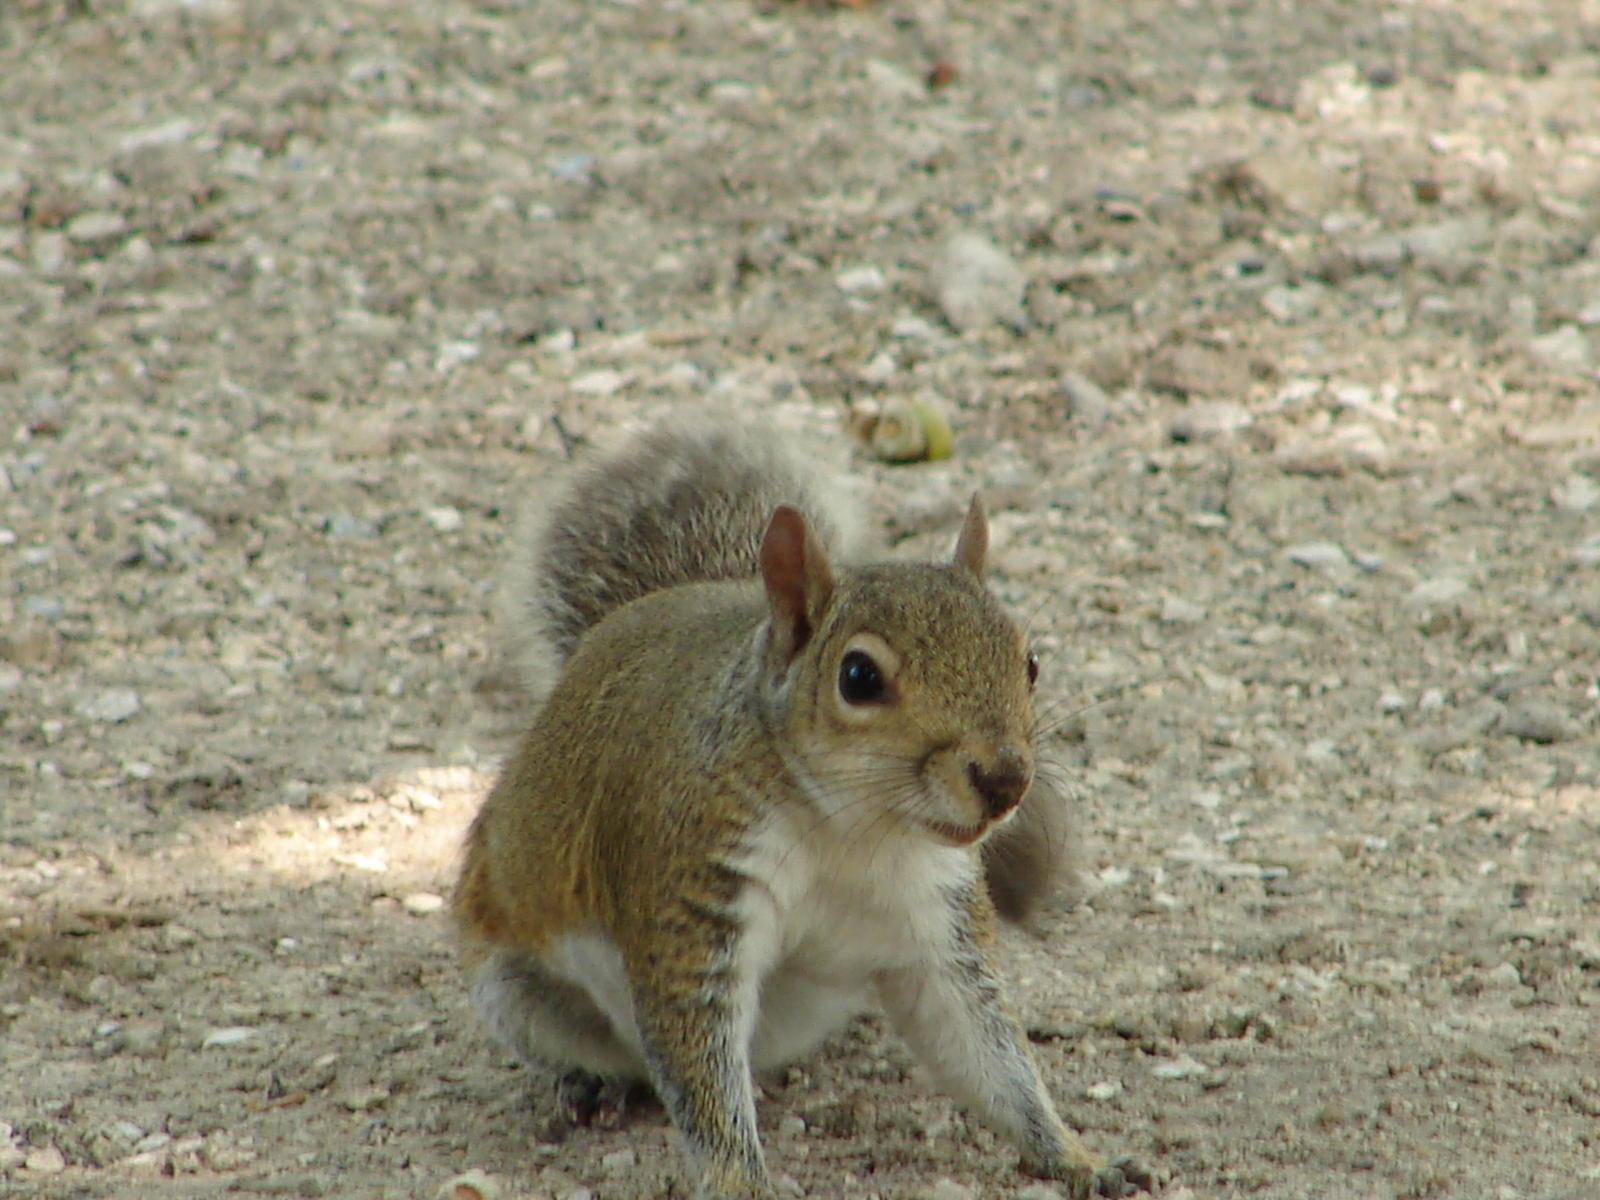 Cute squirrels in love - photo#8